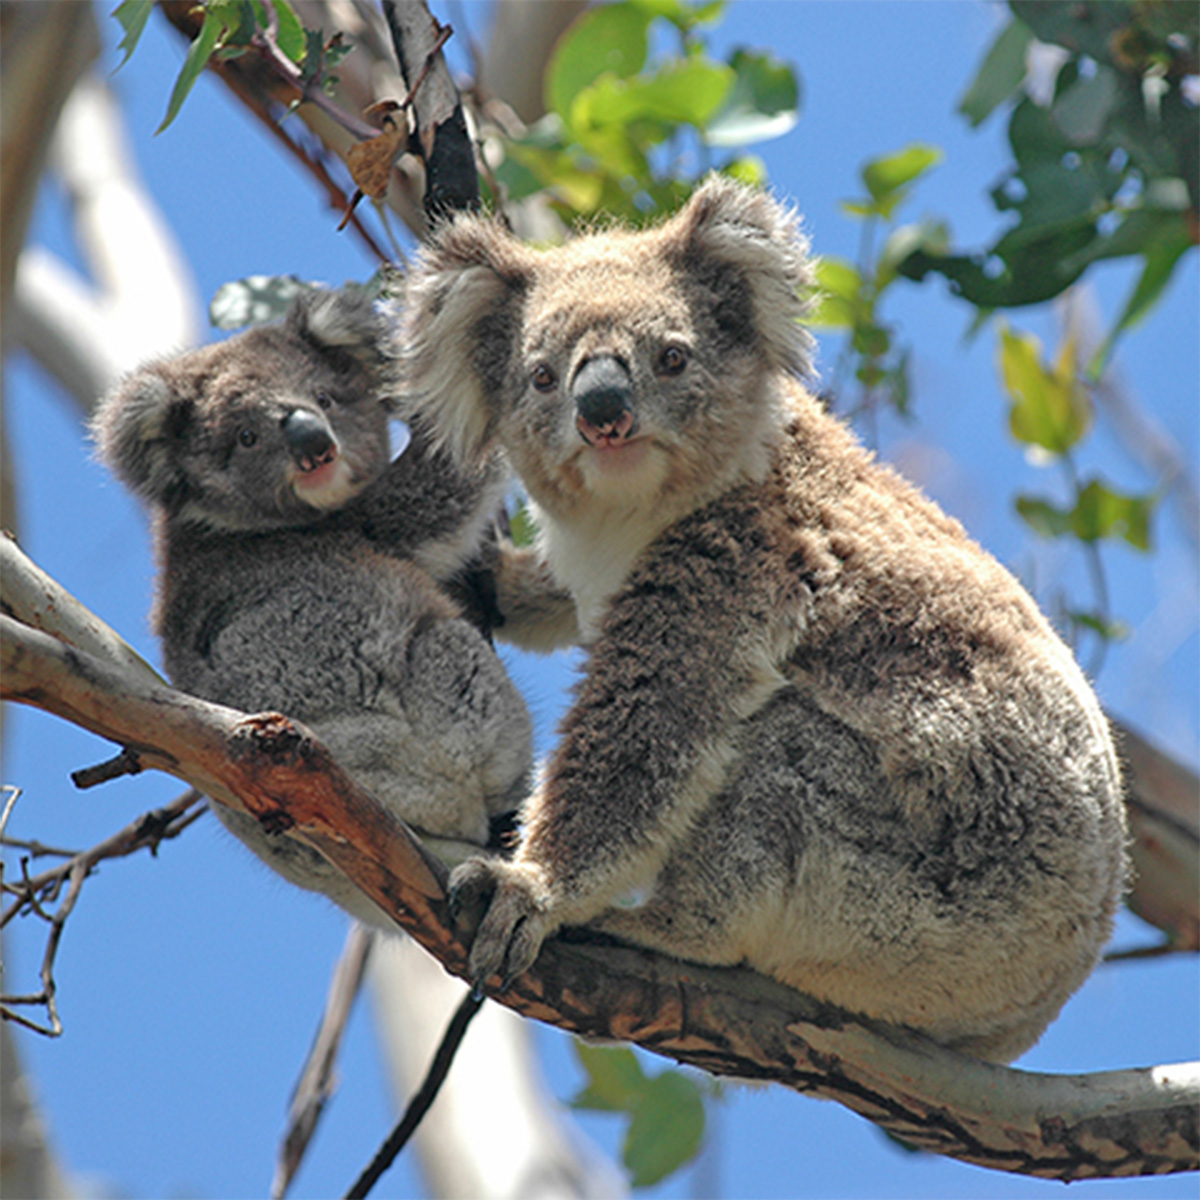 Wild Koalas in Australia